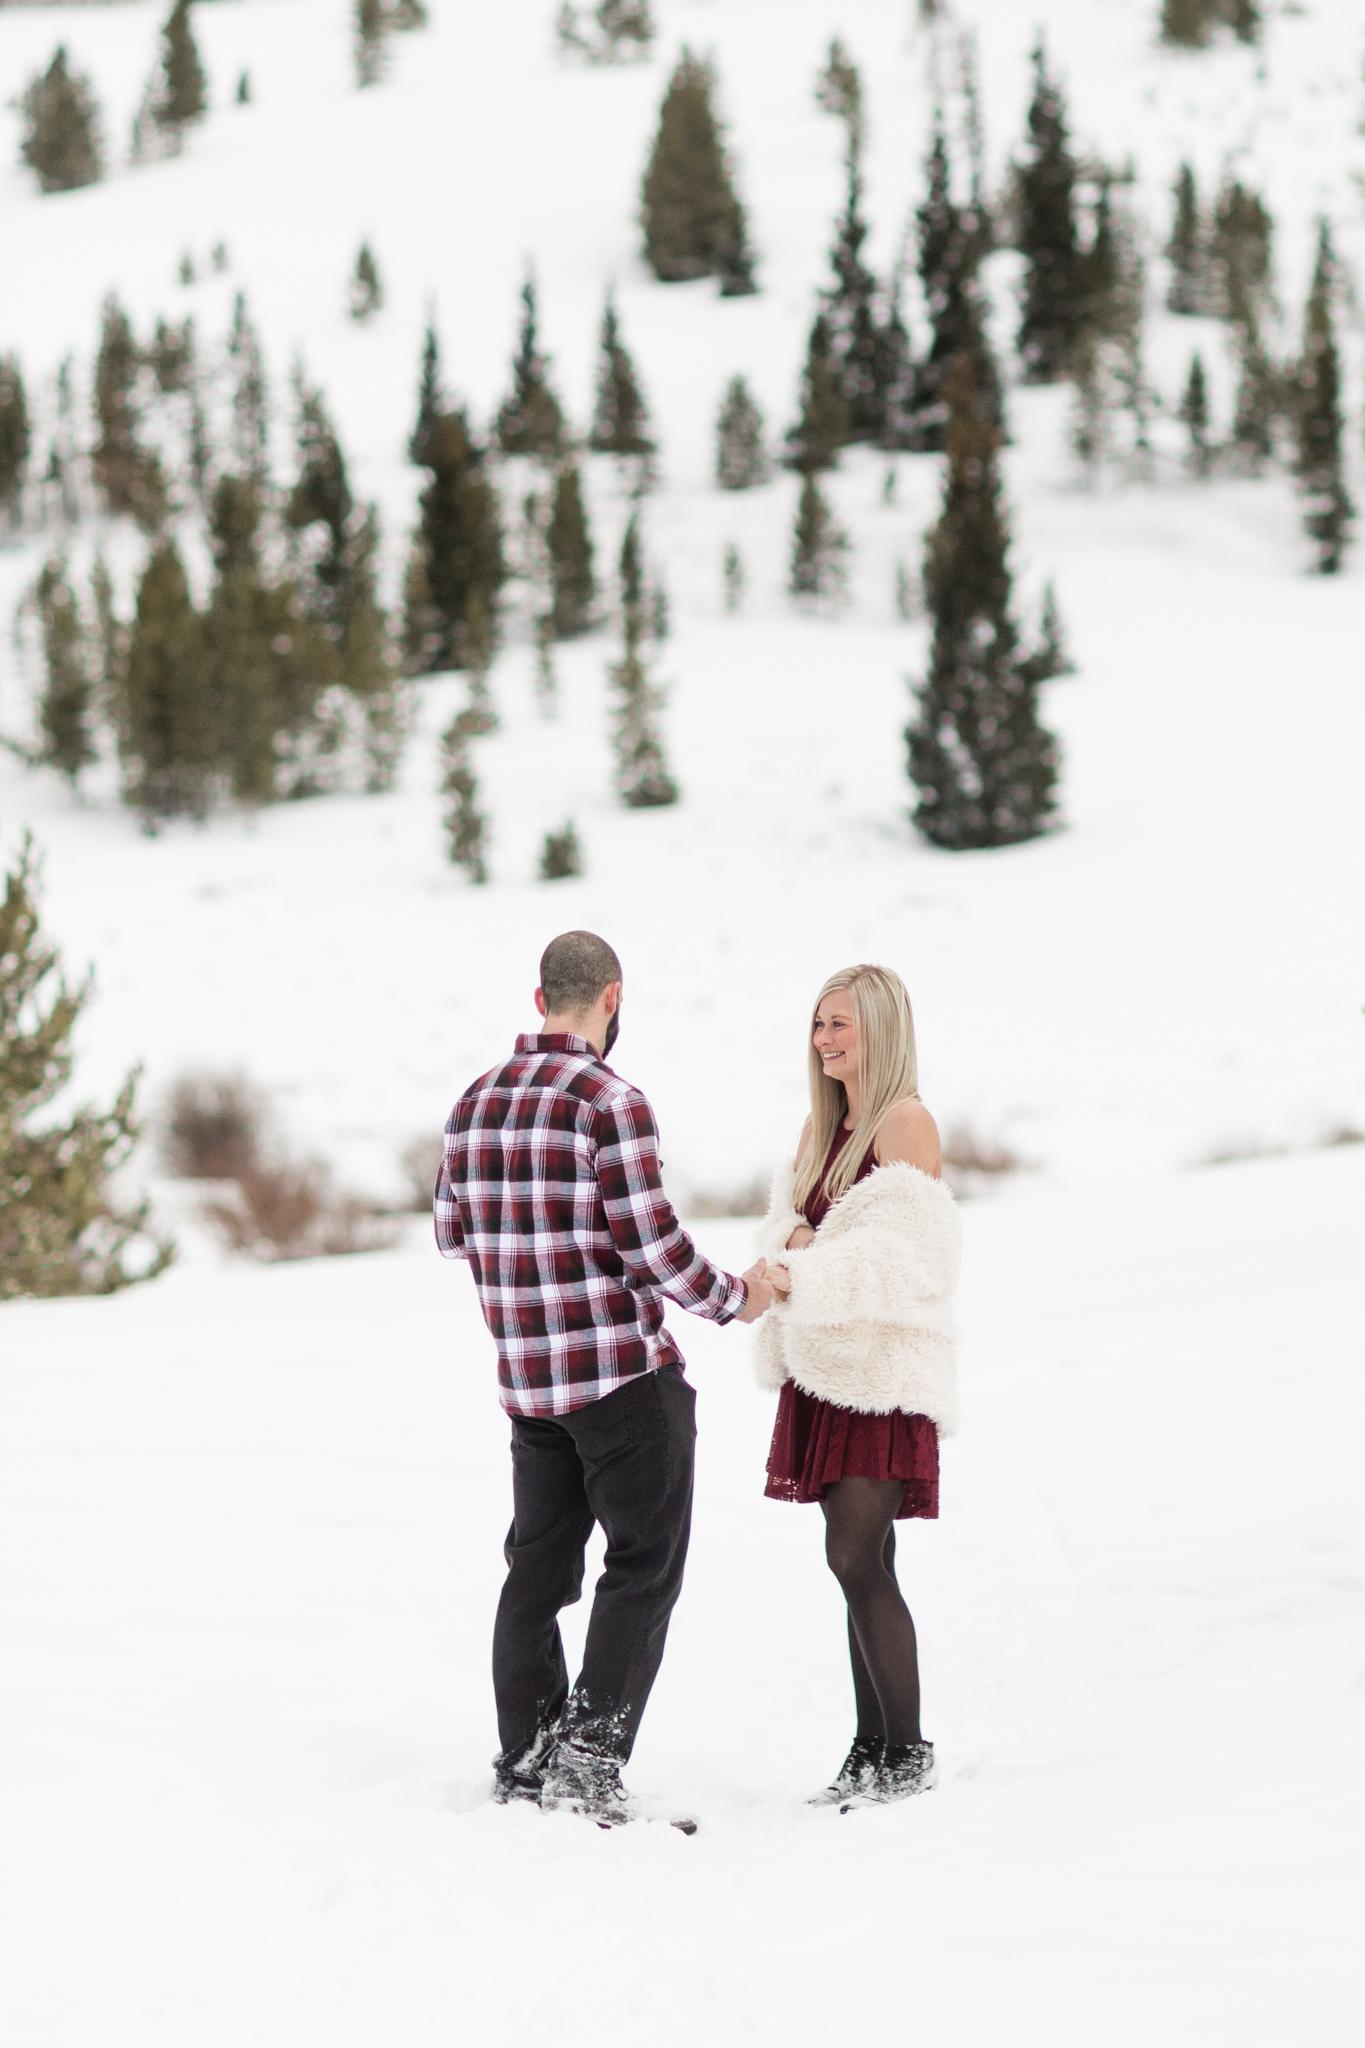 Windy_Point_Breckenridge_Winter_Proposal_7